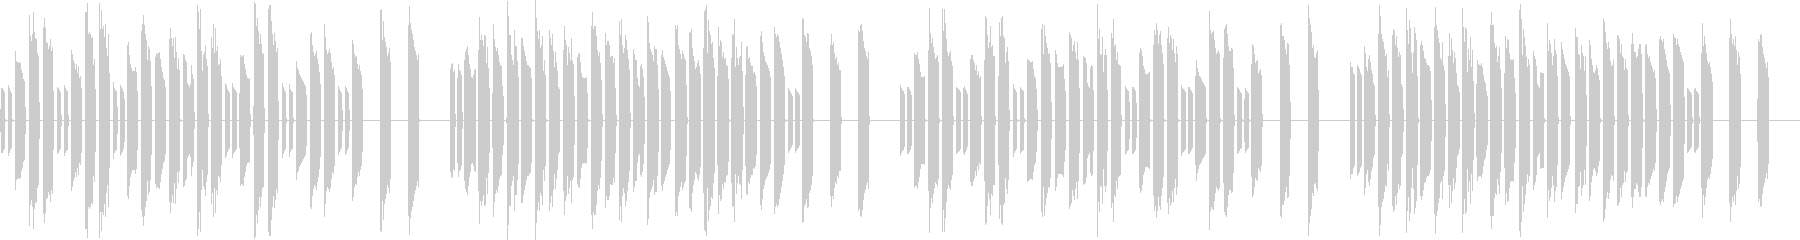 3分クッキングの原曲【シンセ】ループ2の未再生の波形